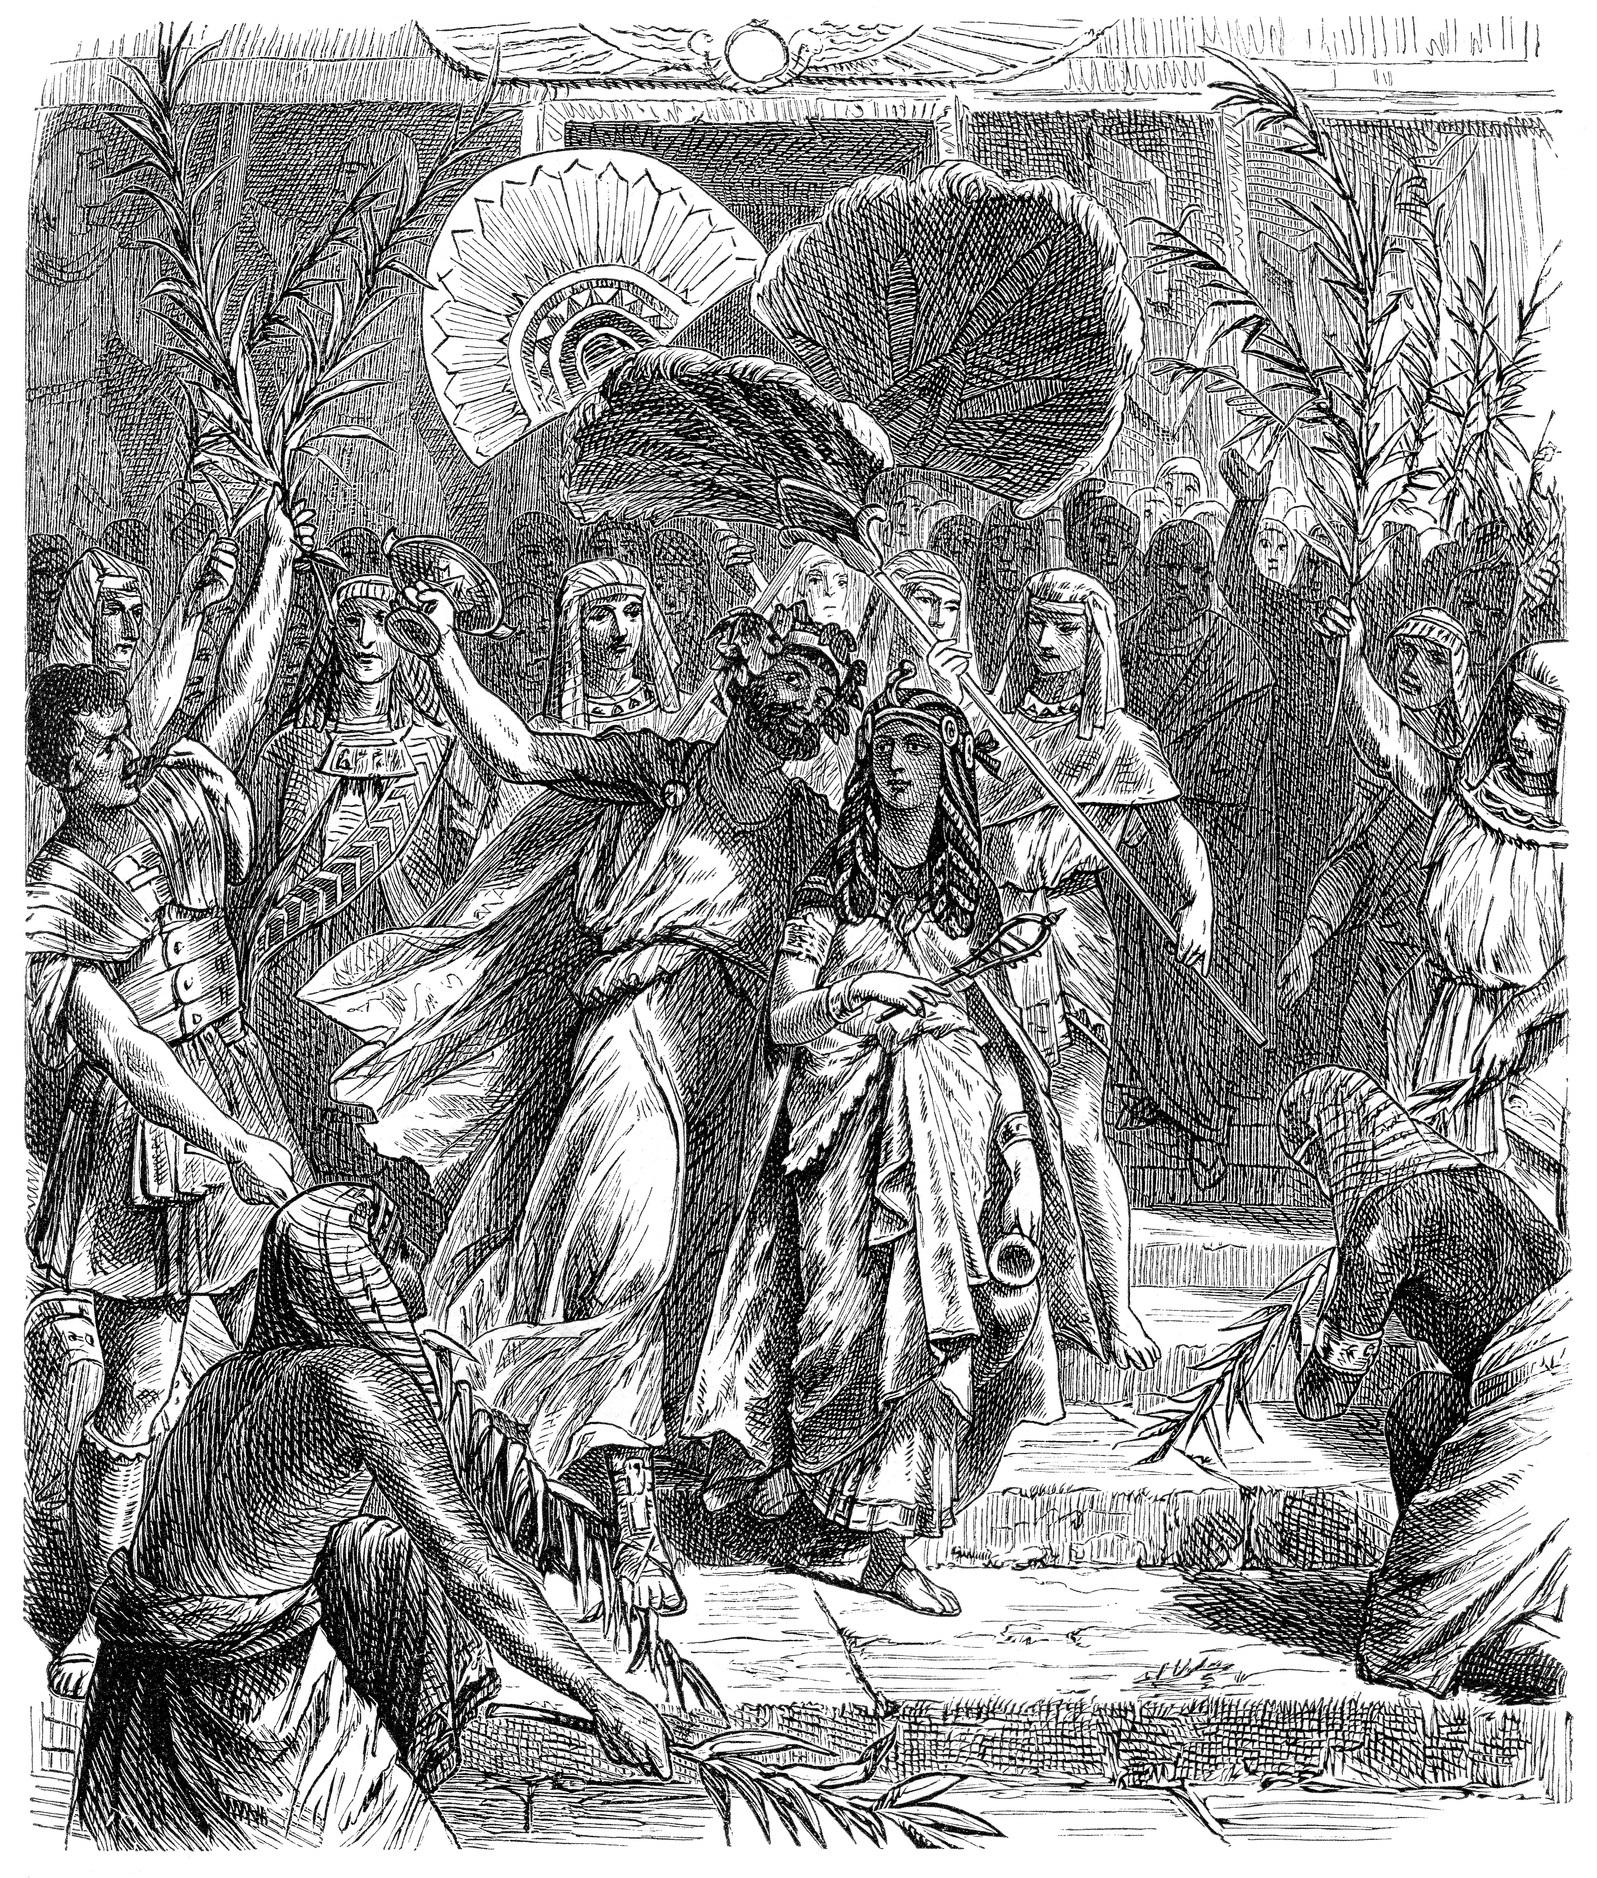 """Гробът на Антоний и Клеопатра<br /> <br /> Въпреки многобройните лъжливи твърдения, че някой е """"близо до откриването"""" на гробницата на Клеопатра, до днес никой няма представа къде е погребана една от най-емблематичните жени в историята на човечеството. Смята се, че е погребана заедно <a href=""""https://www.vesti.bg/lyubopitno/edna-liubovna-istoriia-na-hiliadi-godini-6092054"""">с любовника ѝ Марк Антоний</a>. Всъщност гробницата на Клеопатра не е единствената, която остава загадка за археолозите, същото е с Моцарт и Чингиз Хан например."""